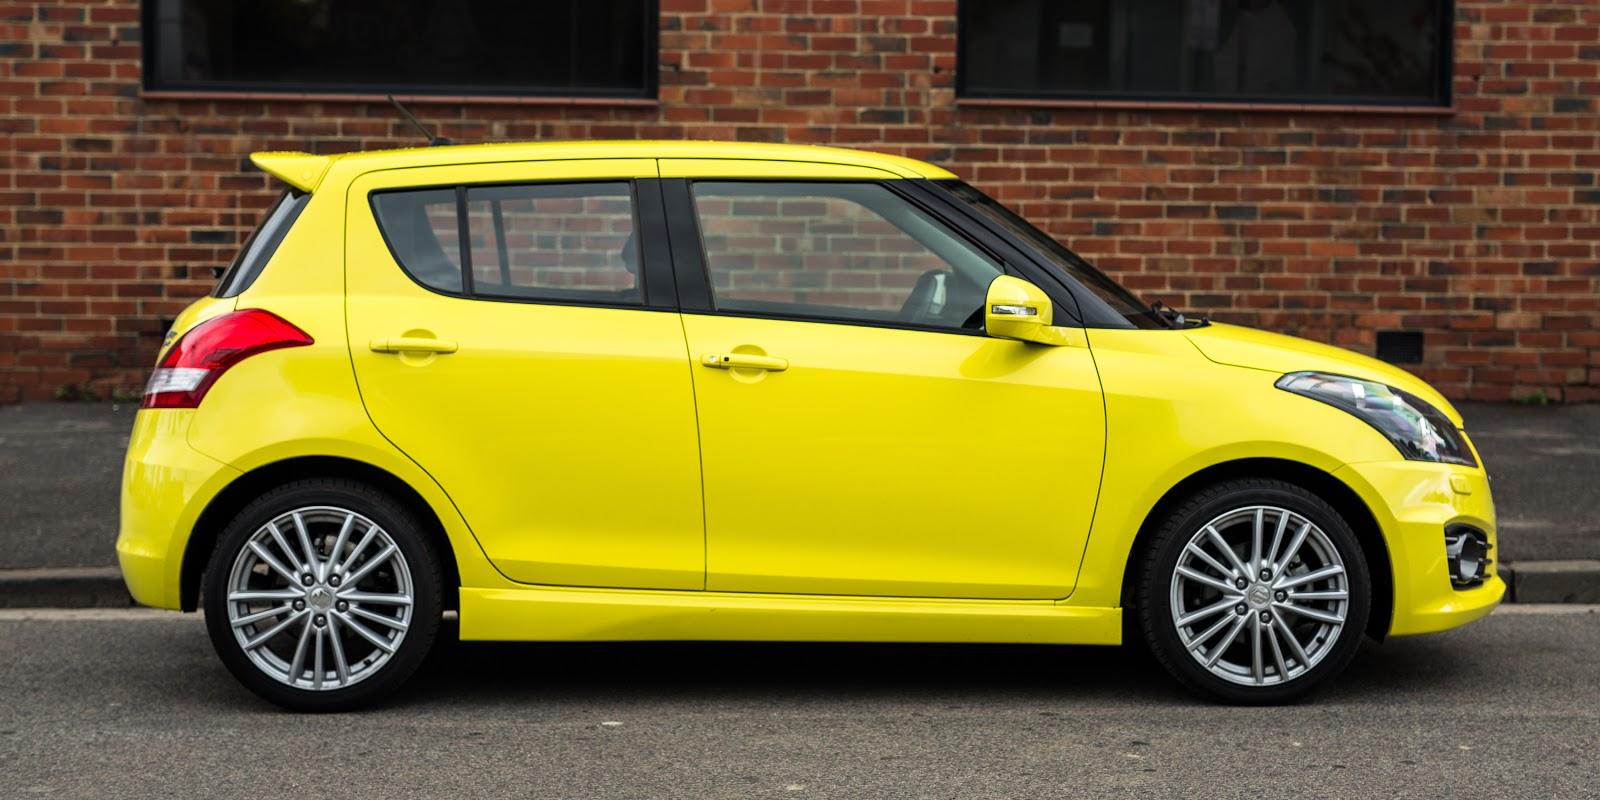 Đánh giá xe Suzuki Swift 2016